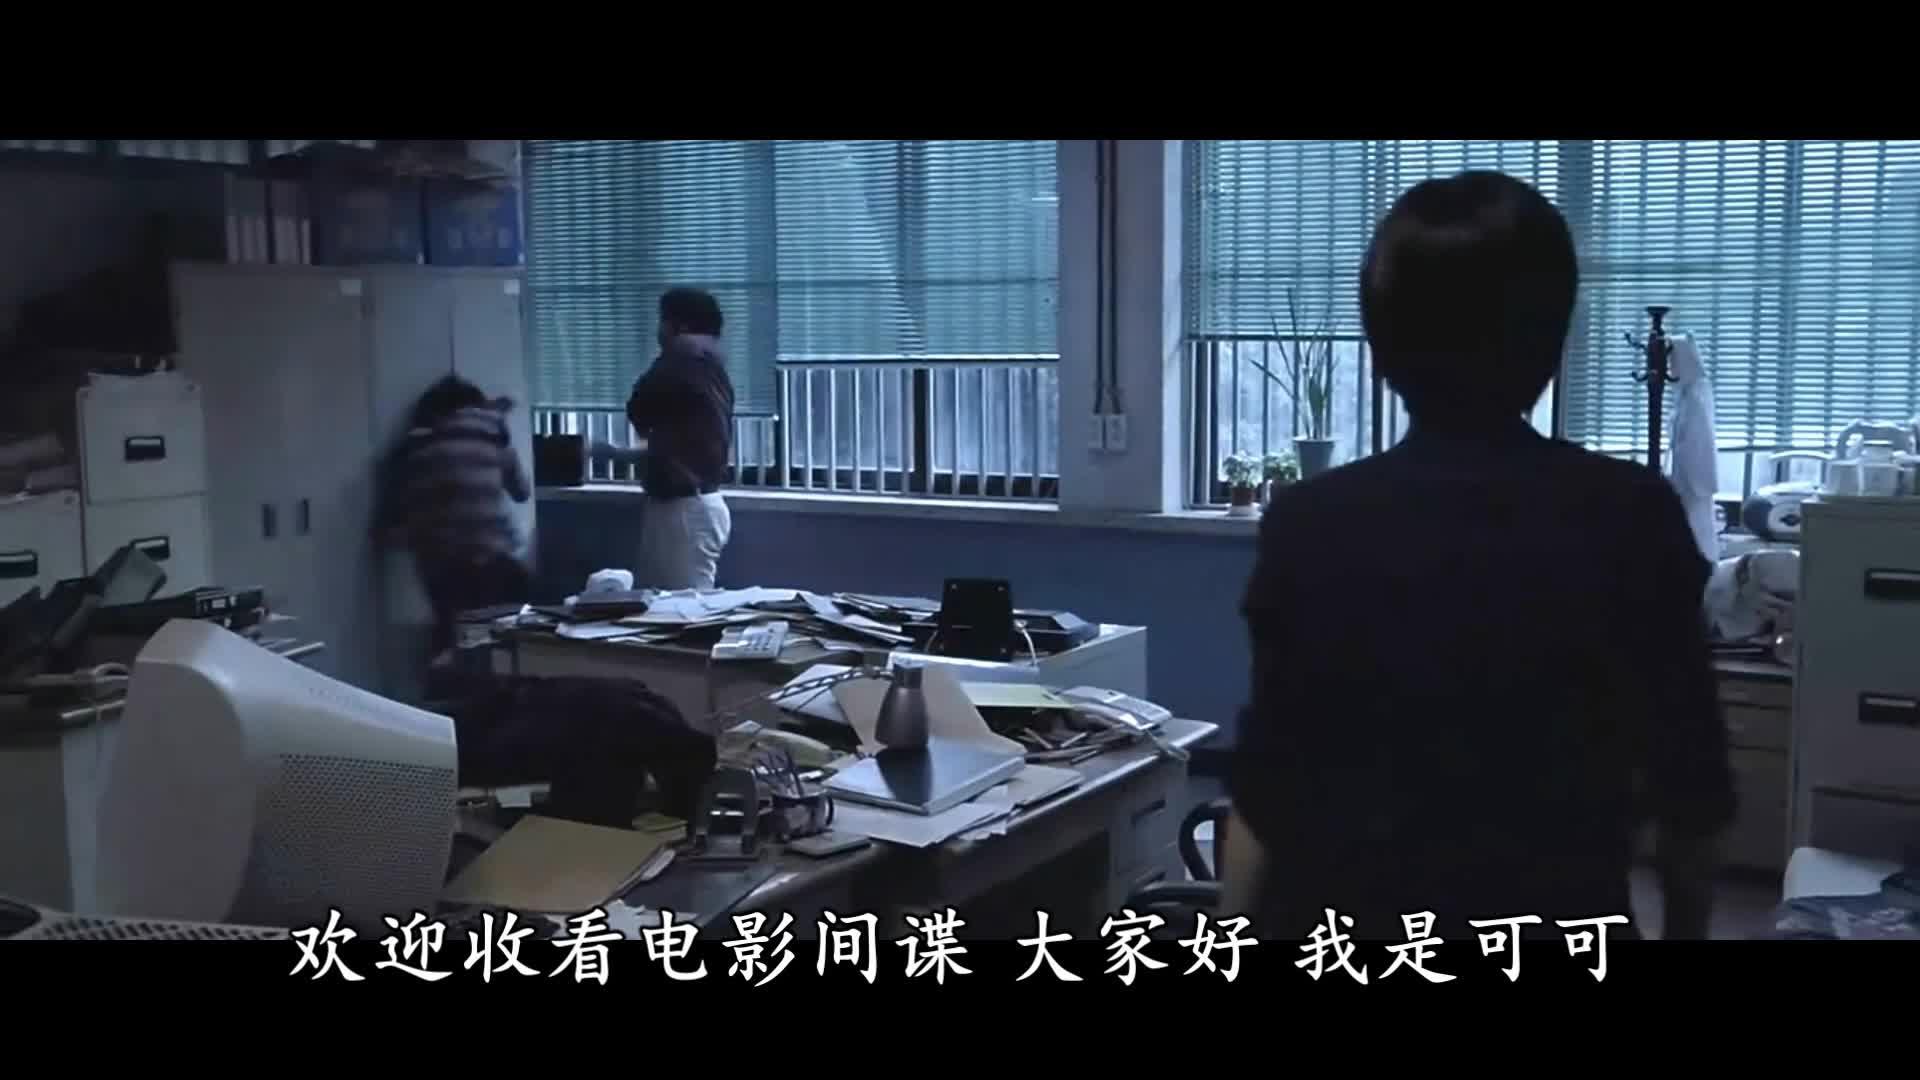 #经典看电影#韩国史上最惨的女主,做应召女却遇变态杀人魔,看得人头皮发麻!